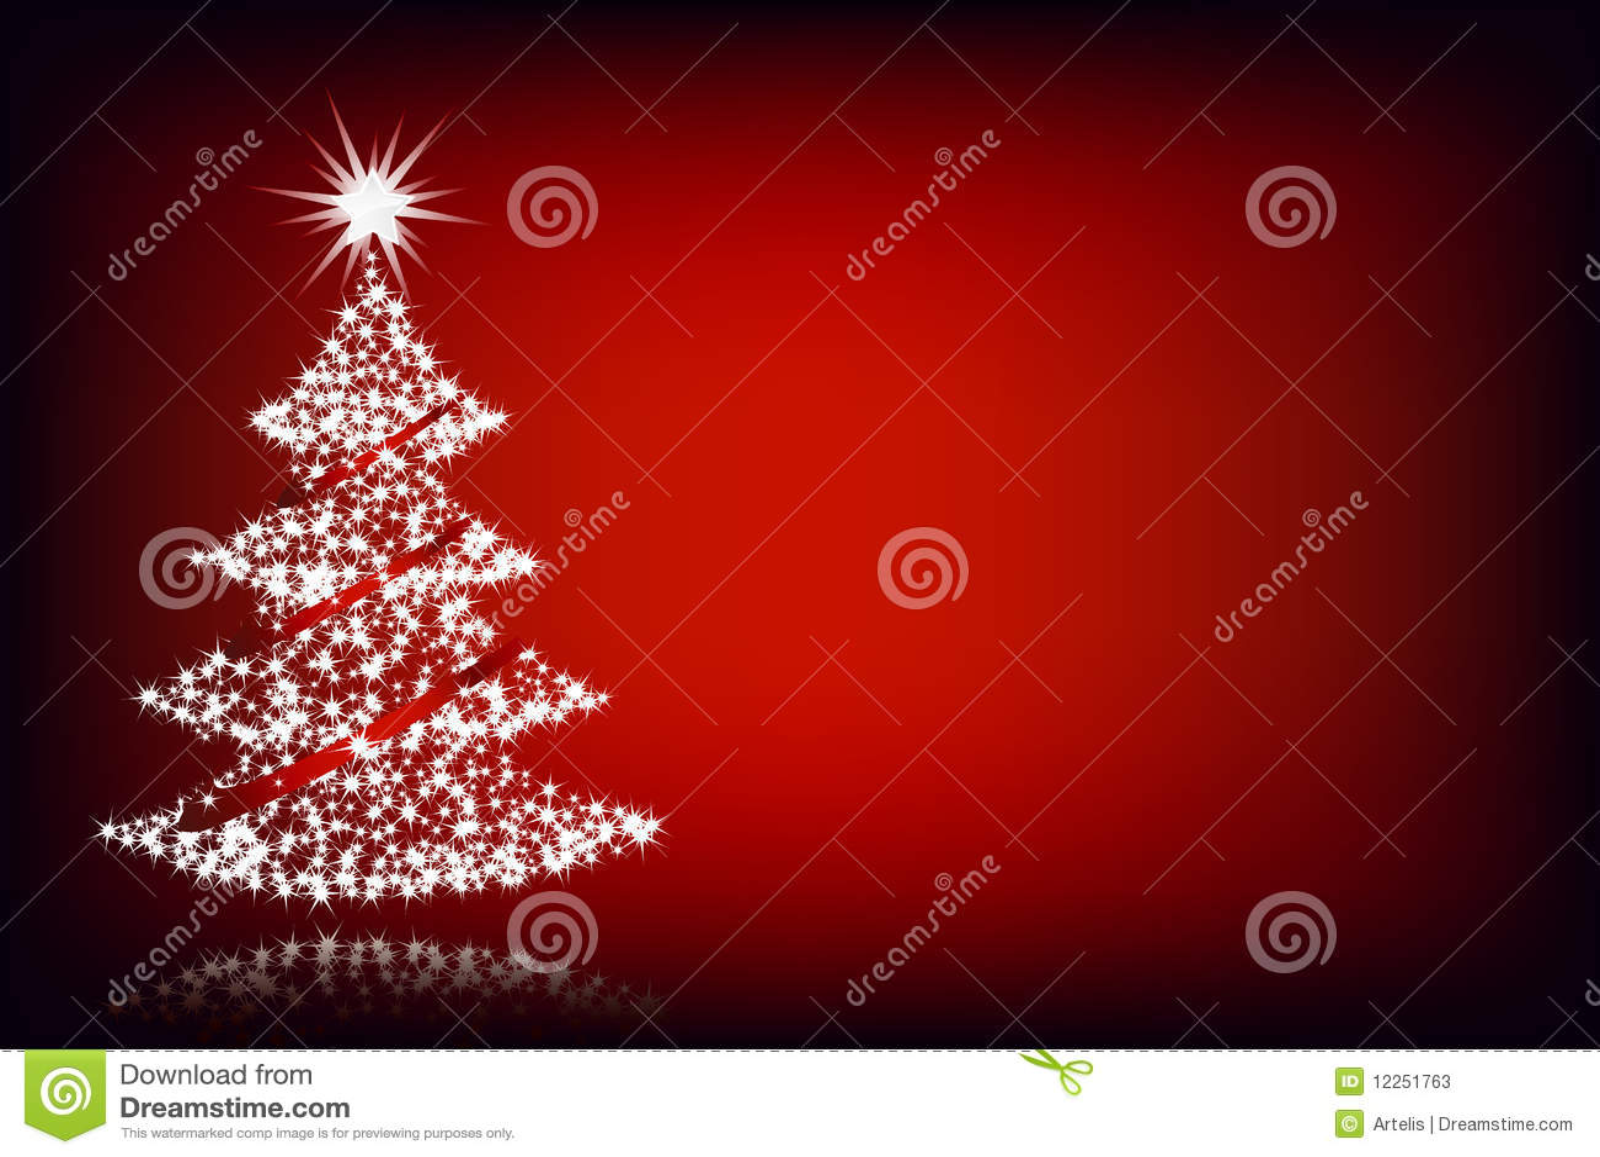 weihnachtsbaum roter hintergrund stockfotos bild 12251763. Black Bedroom Furniture Sets. Home Design Ideas